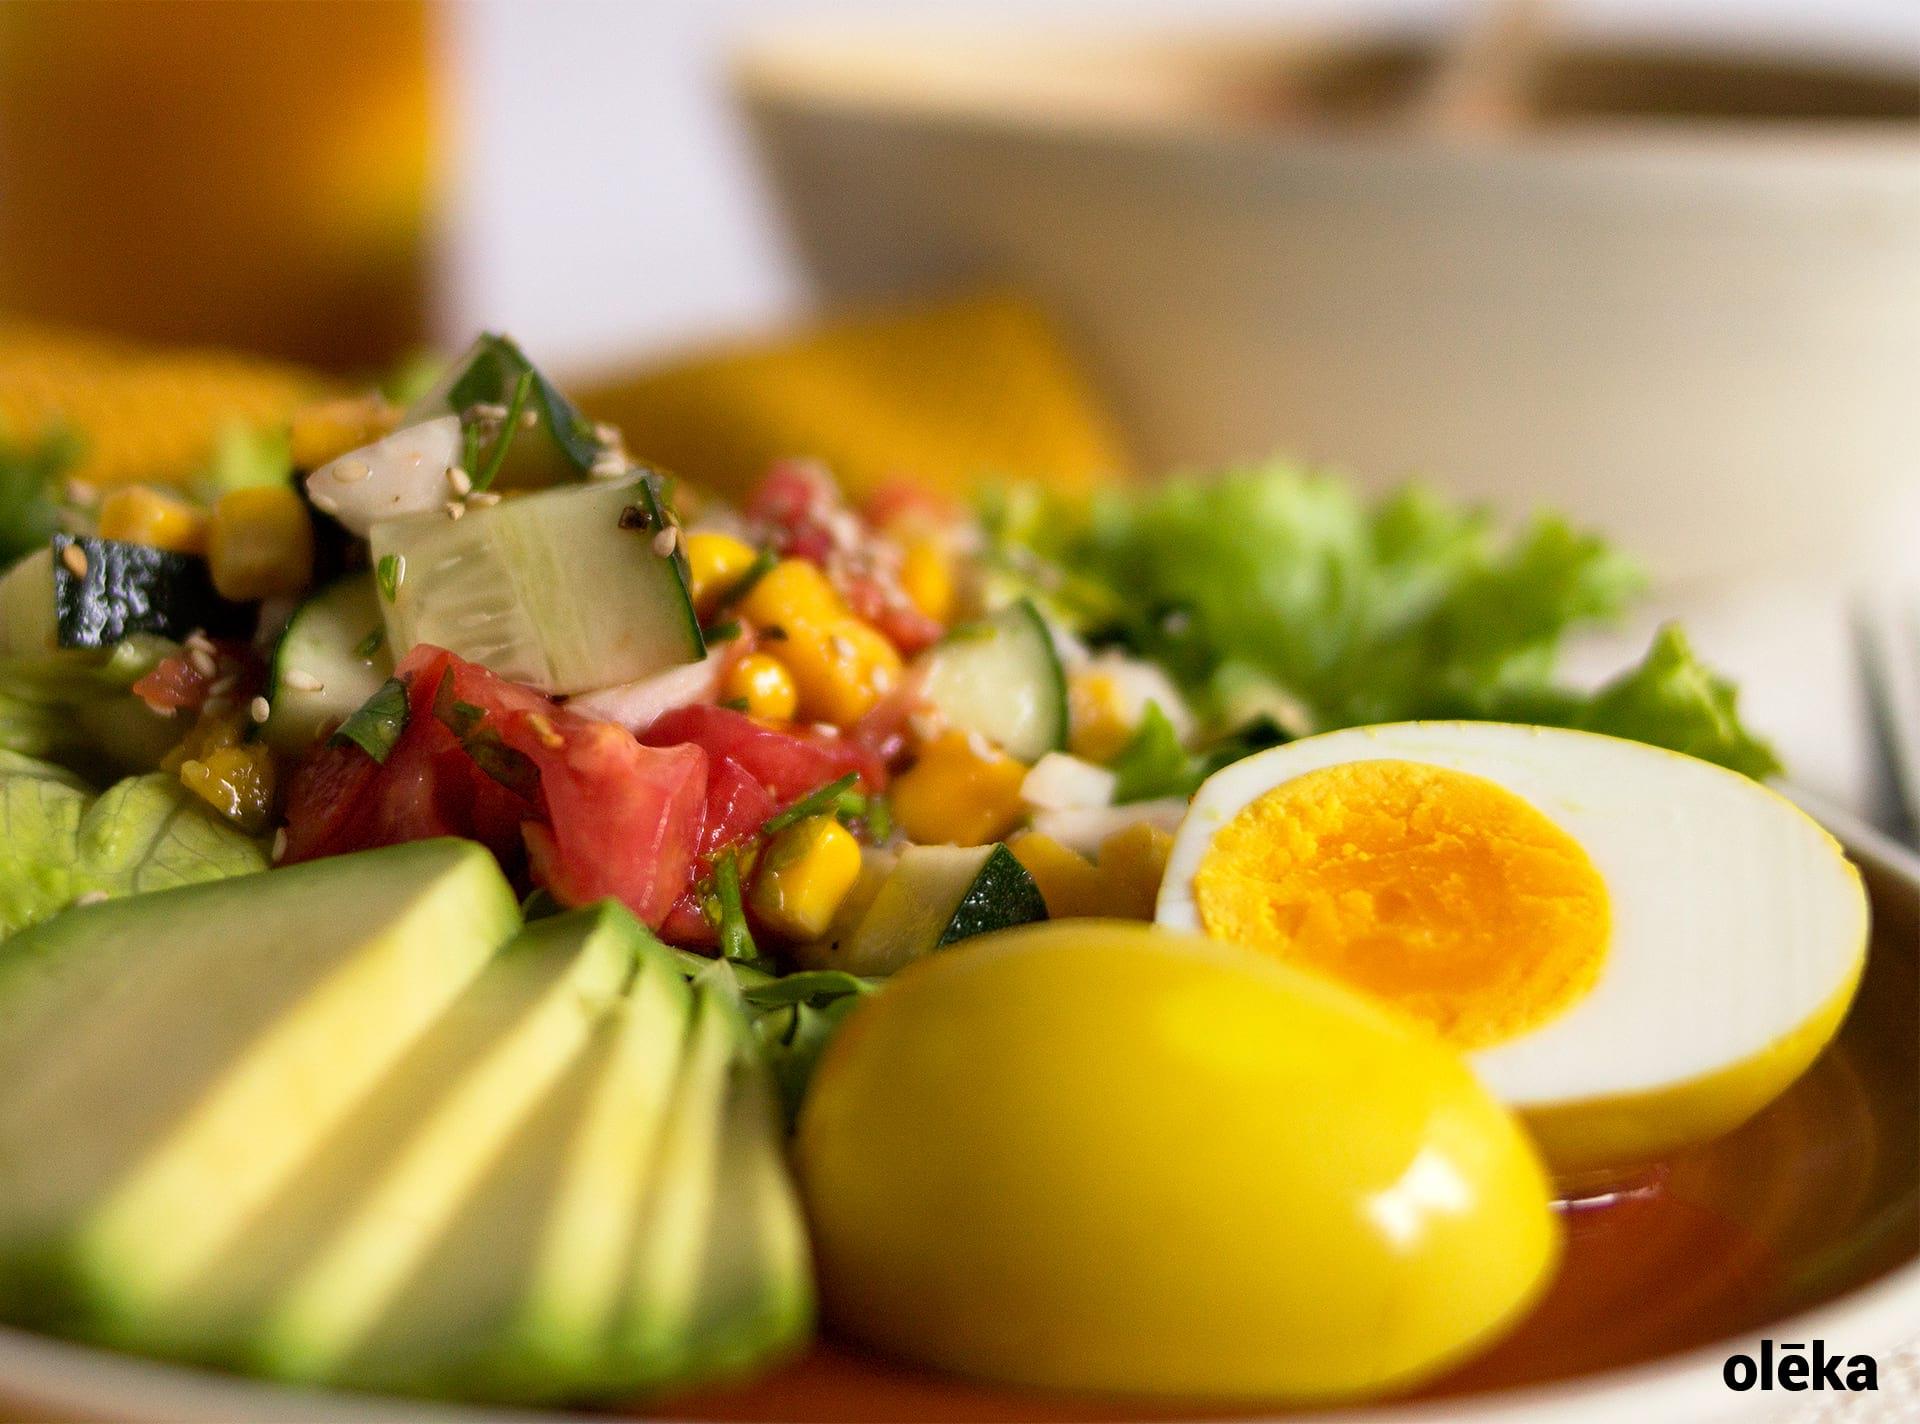 ensalda pico de gallo con mango y huevo curcuma